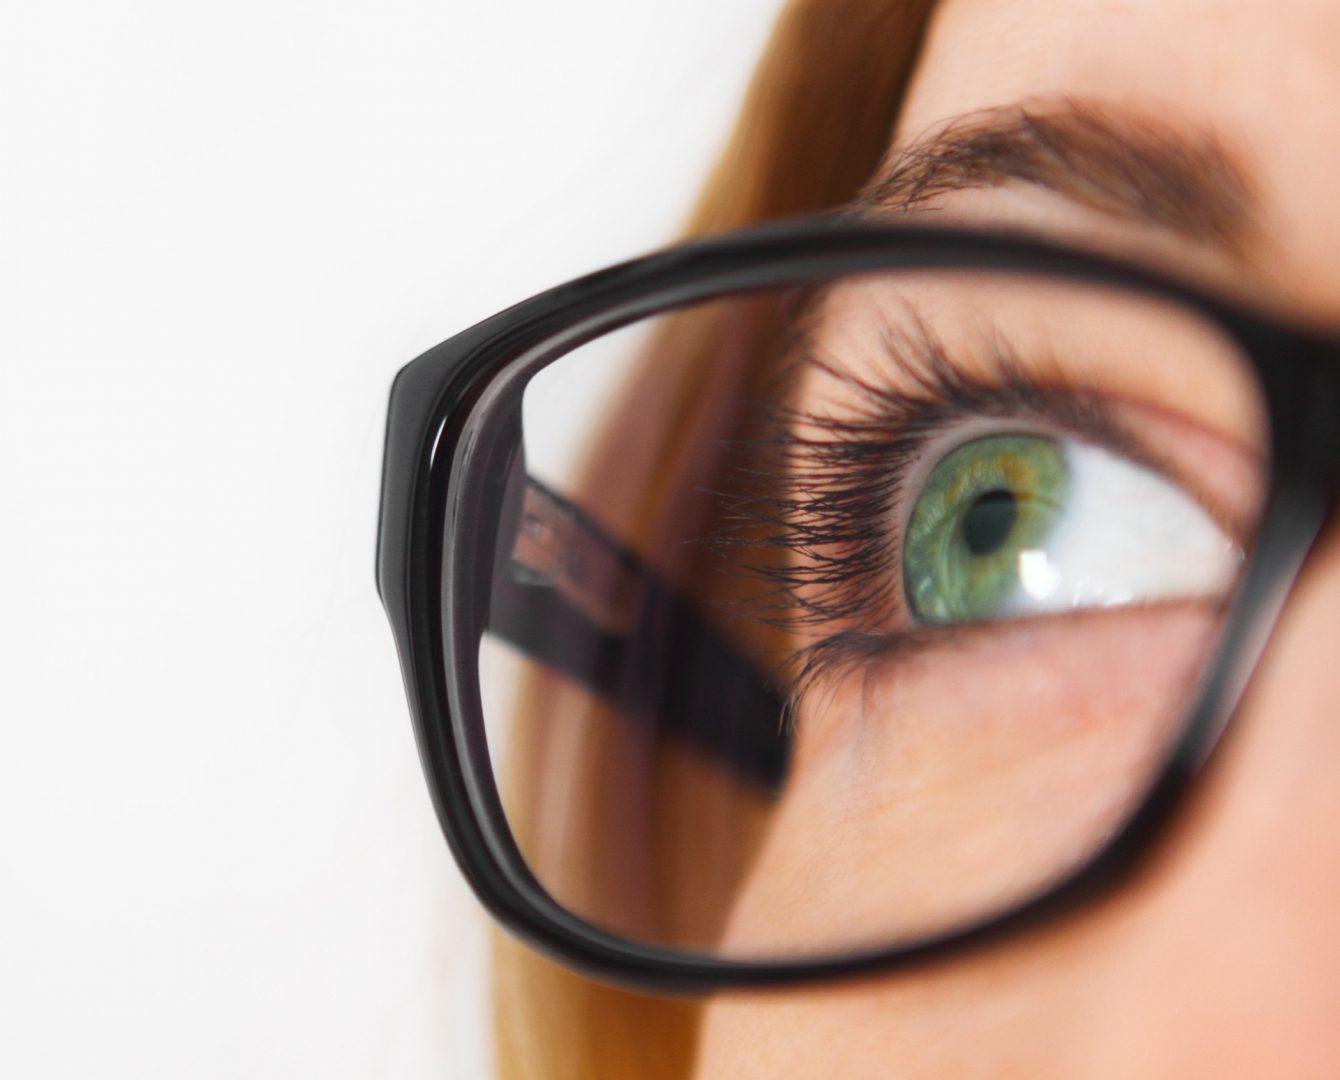 poze identice cu fov-ul ochiului uman?